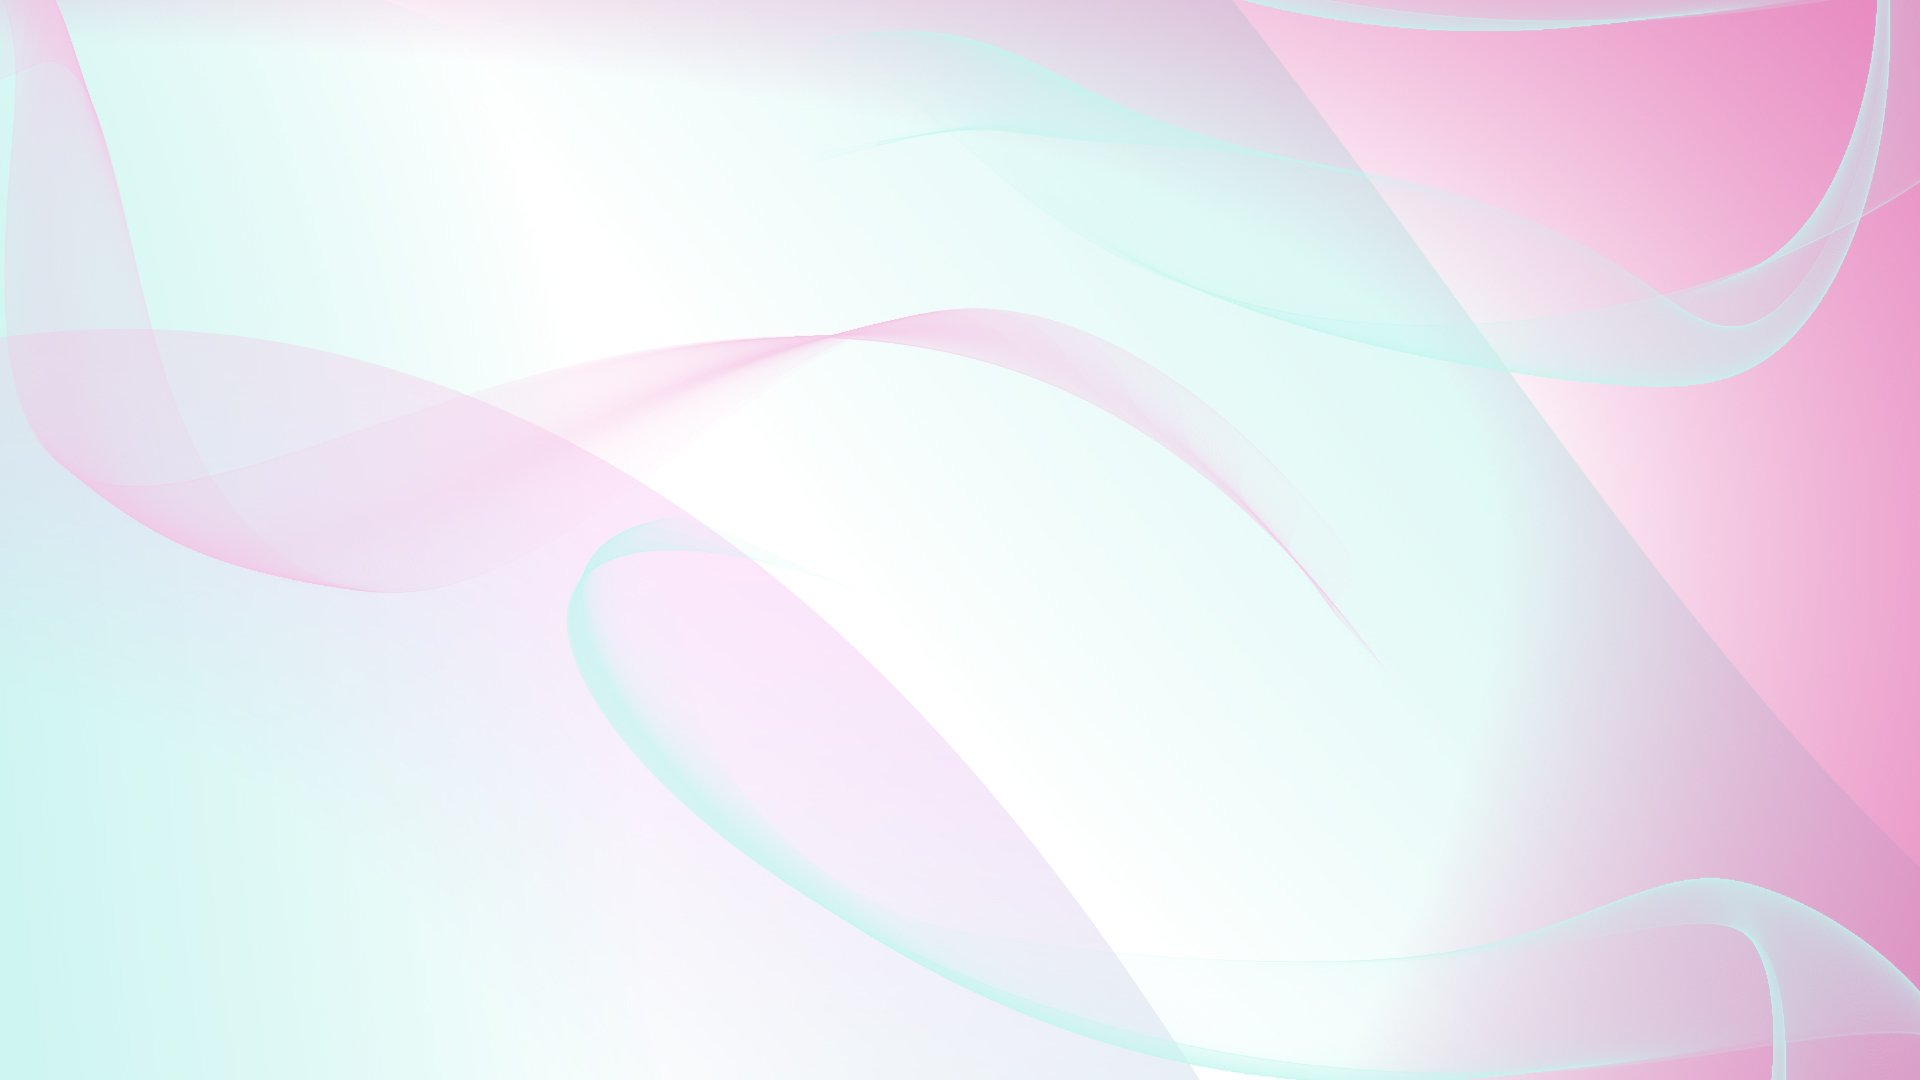 Gradient Background Hd Wallpaper Hintergrund 1920x1080